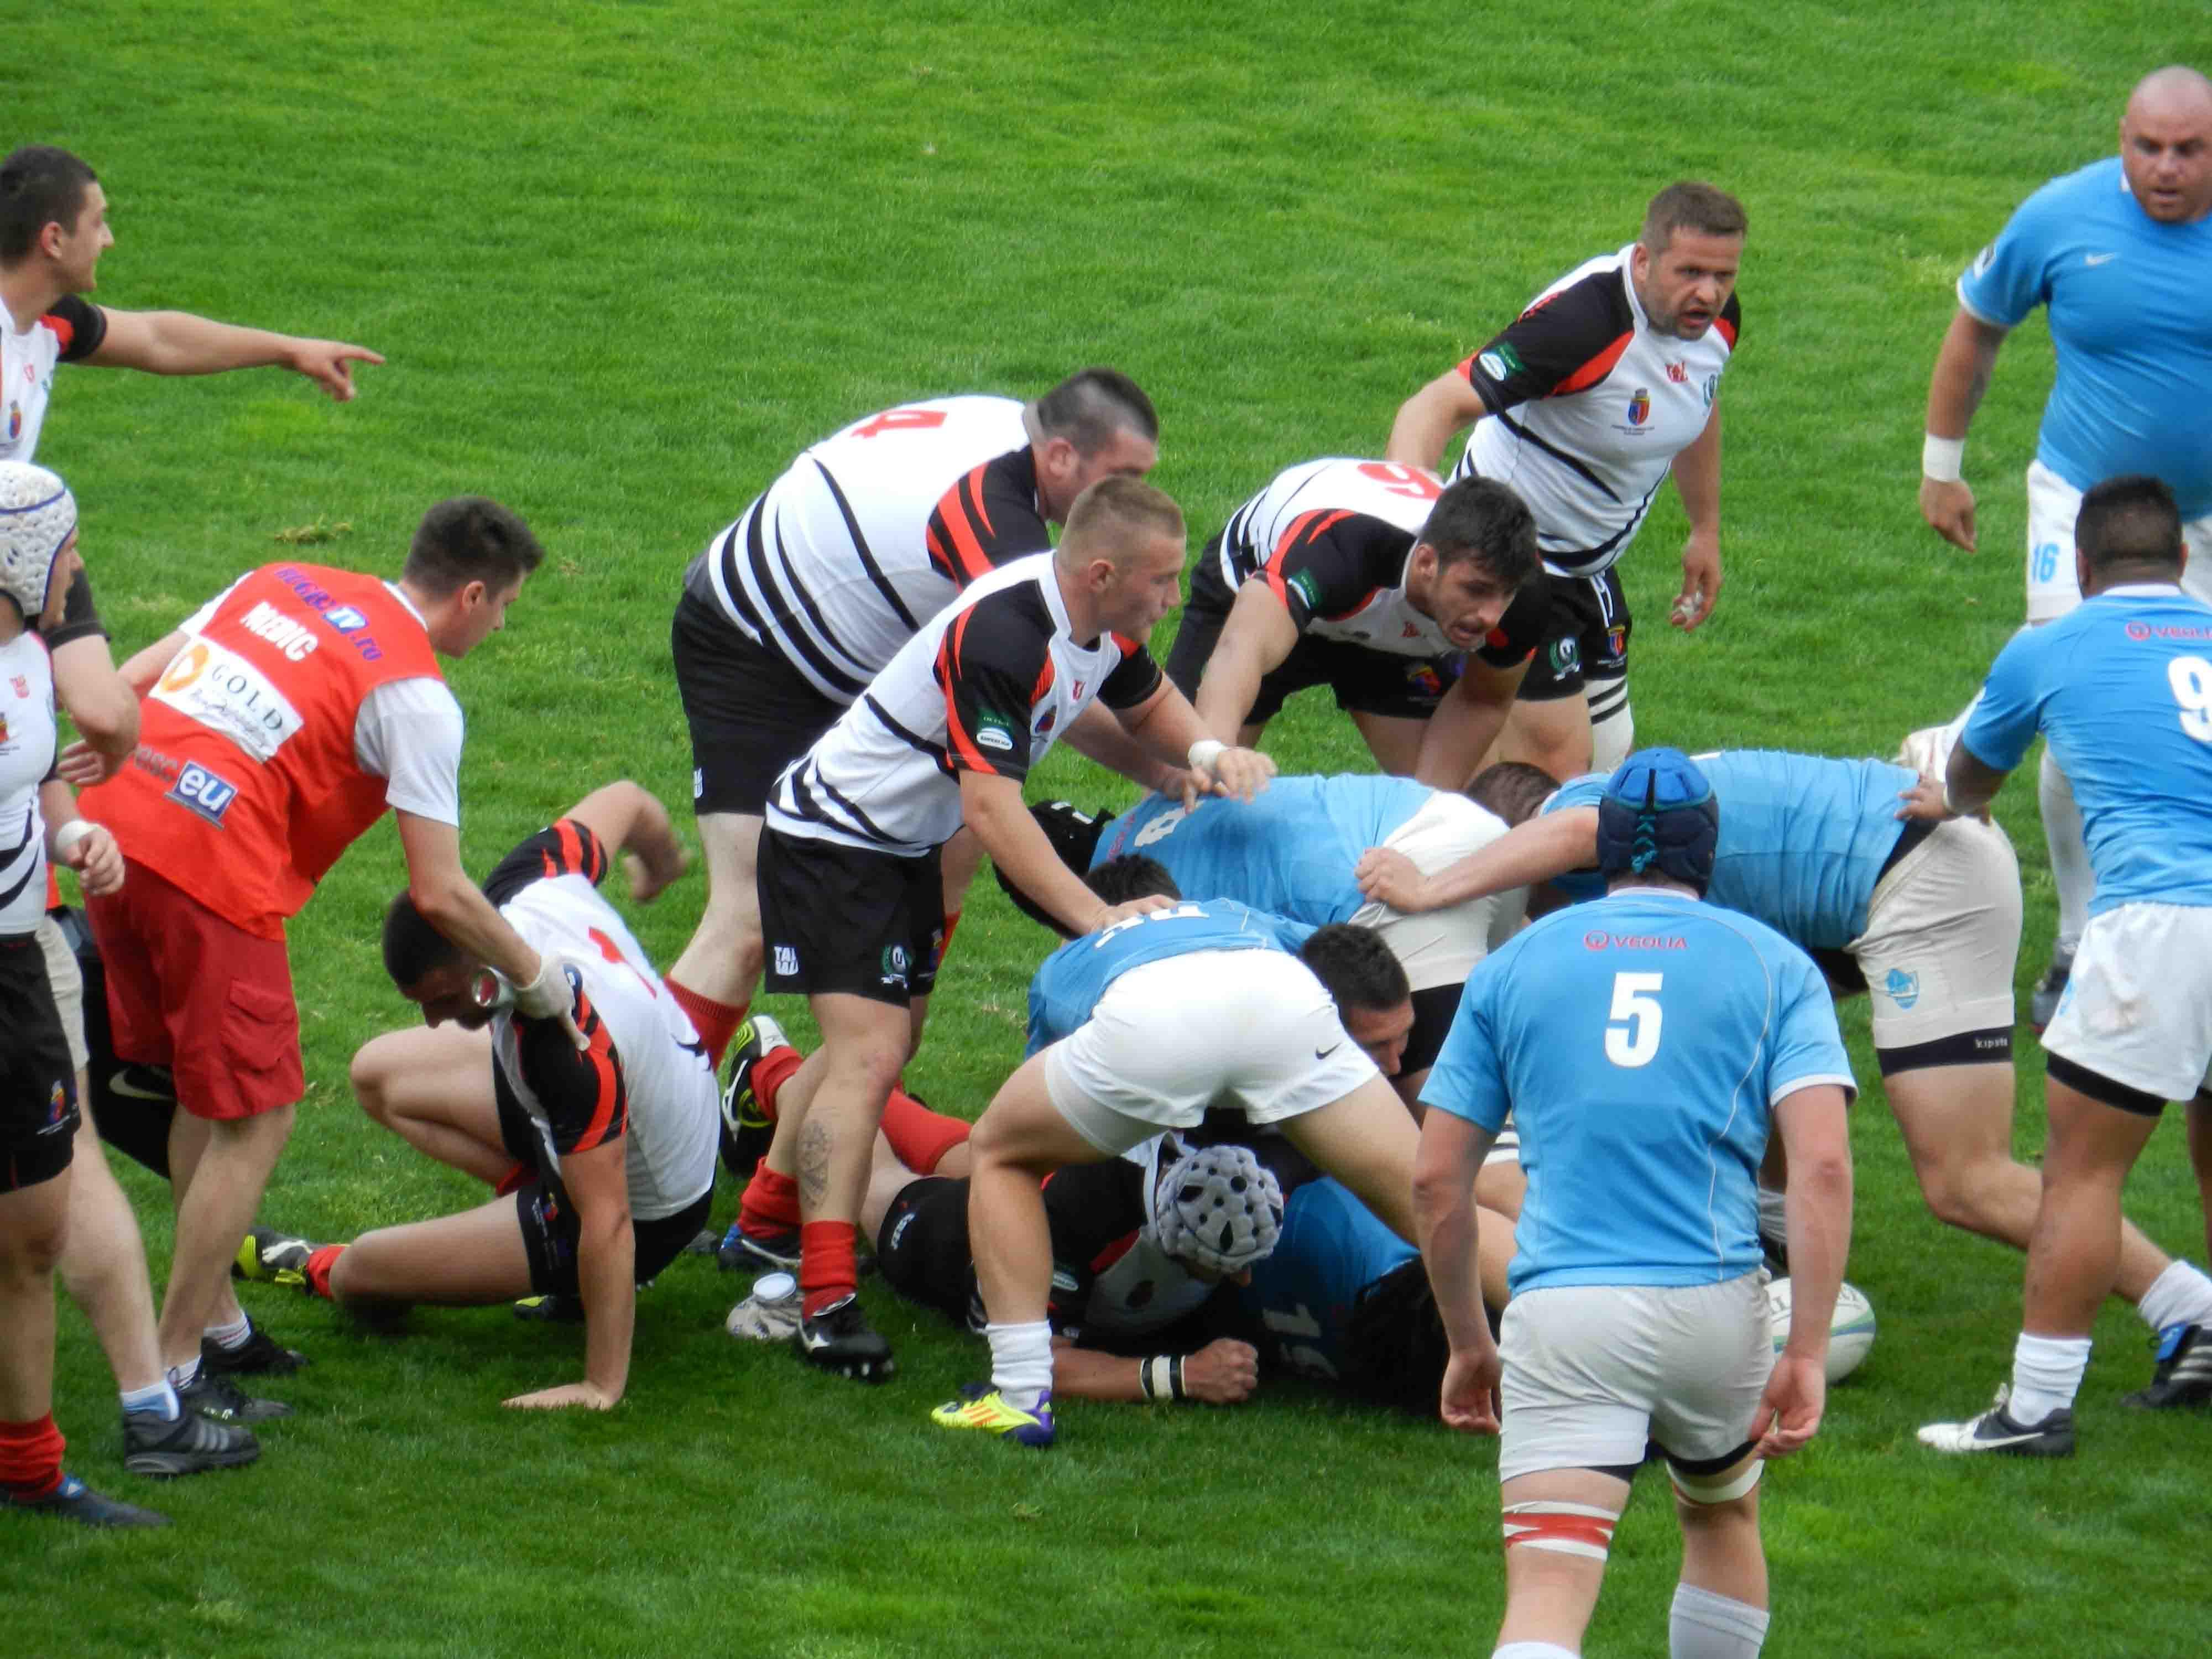 U Cluj vs CSM Ştiinţa Baia Mare 3-67. Rugbyştii clujeni au pierdut la scor în faţa vicecampioanei